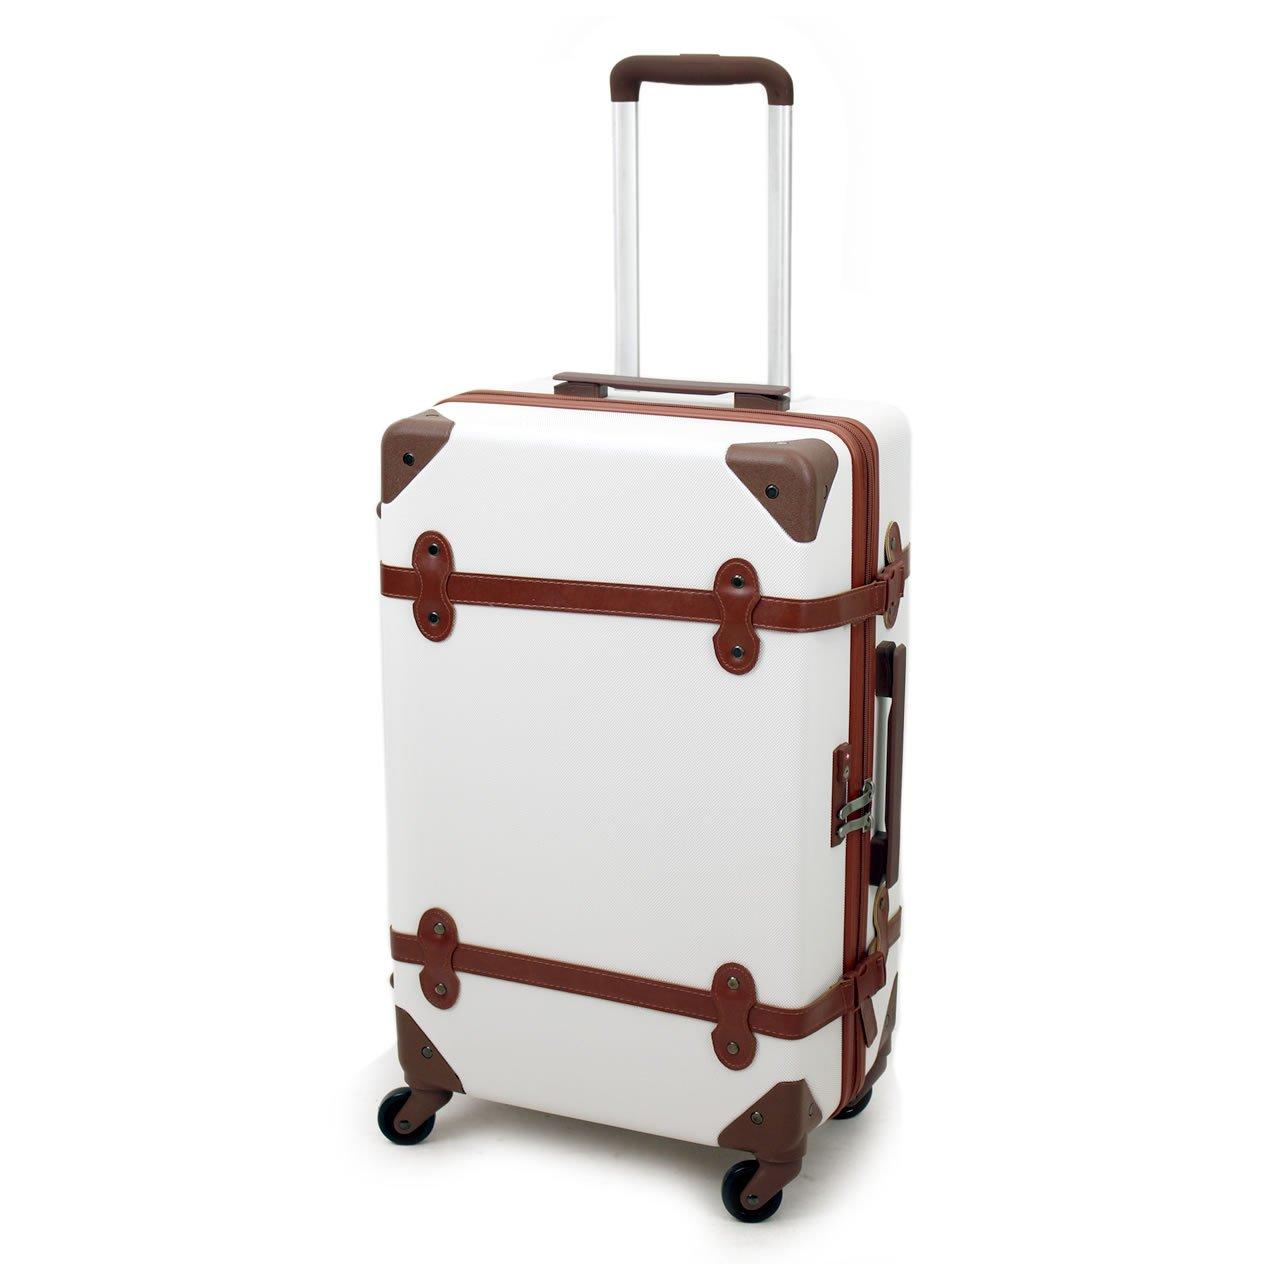 AIRWAY(エアウェイ) スーツケース トランク型キャリー 44L 2~4泊 4輪 TSAロック AW-0696-55  ホワイト B0763LTSP2